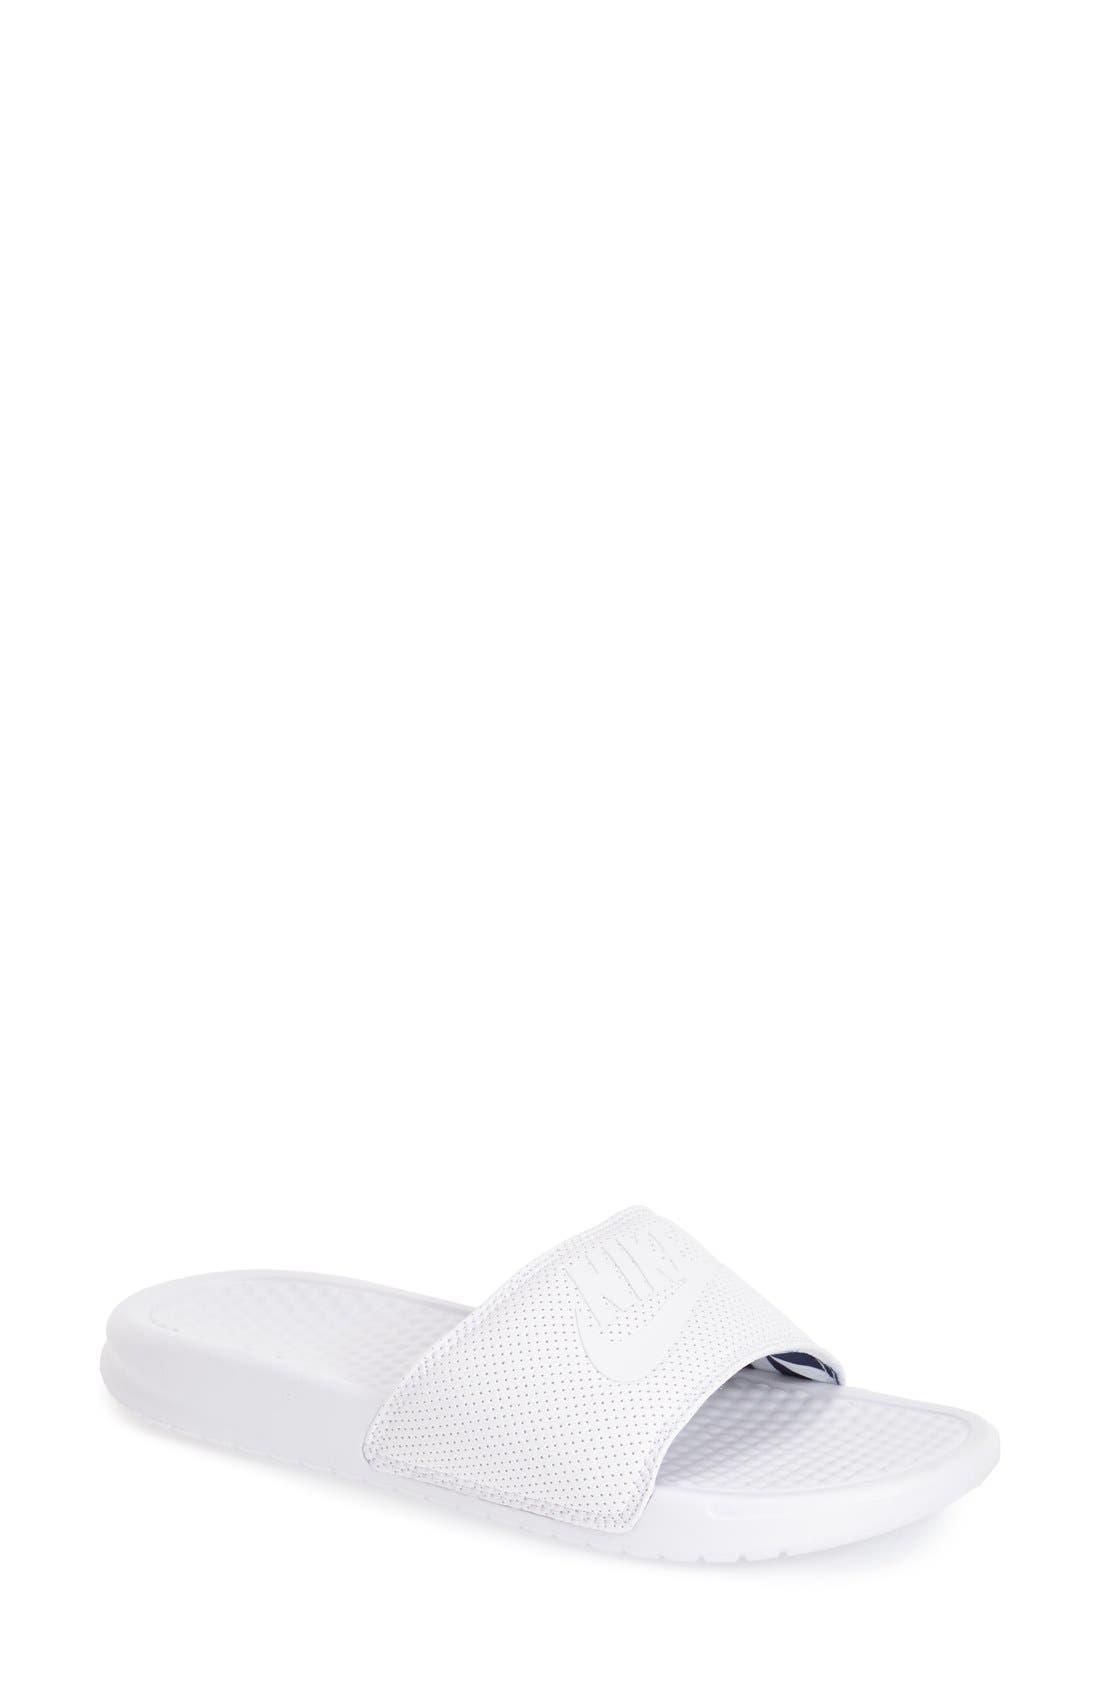 Alternate Image 1 Selected - Nike 'Benassi - Just Do It' Slide Sandal (Women)